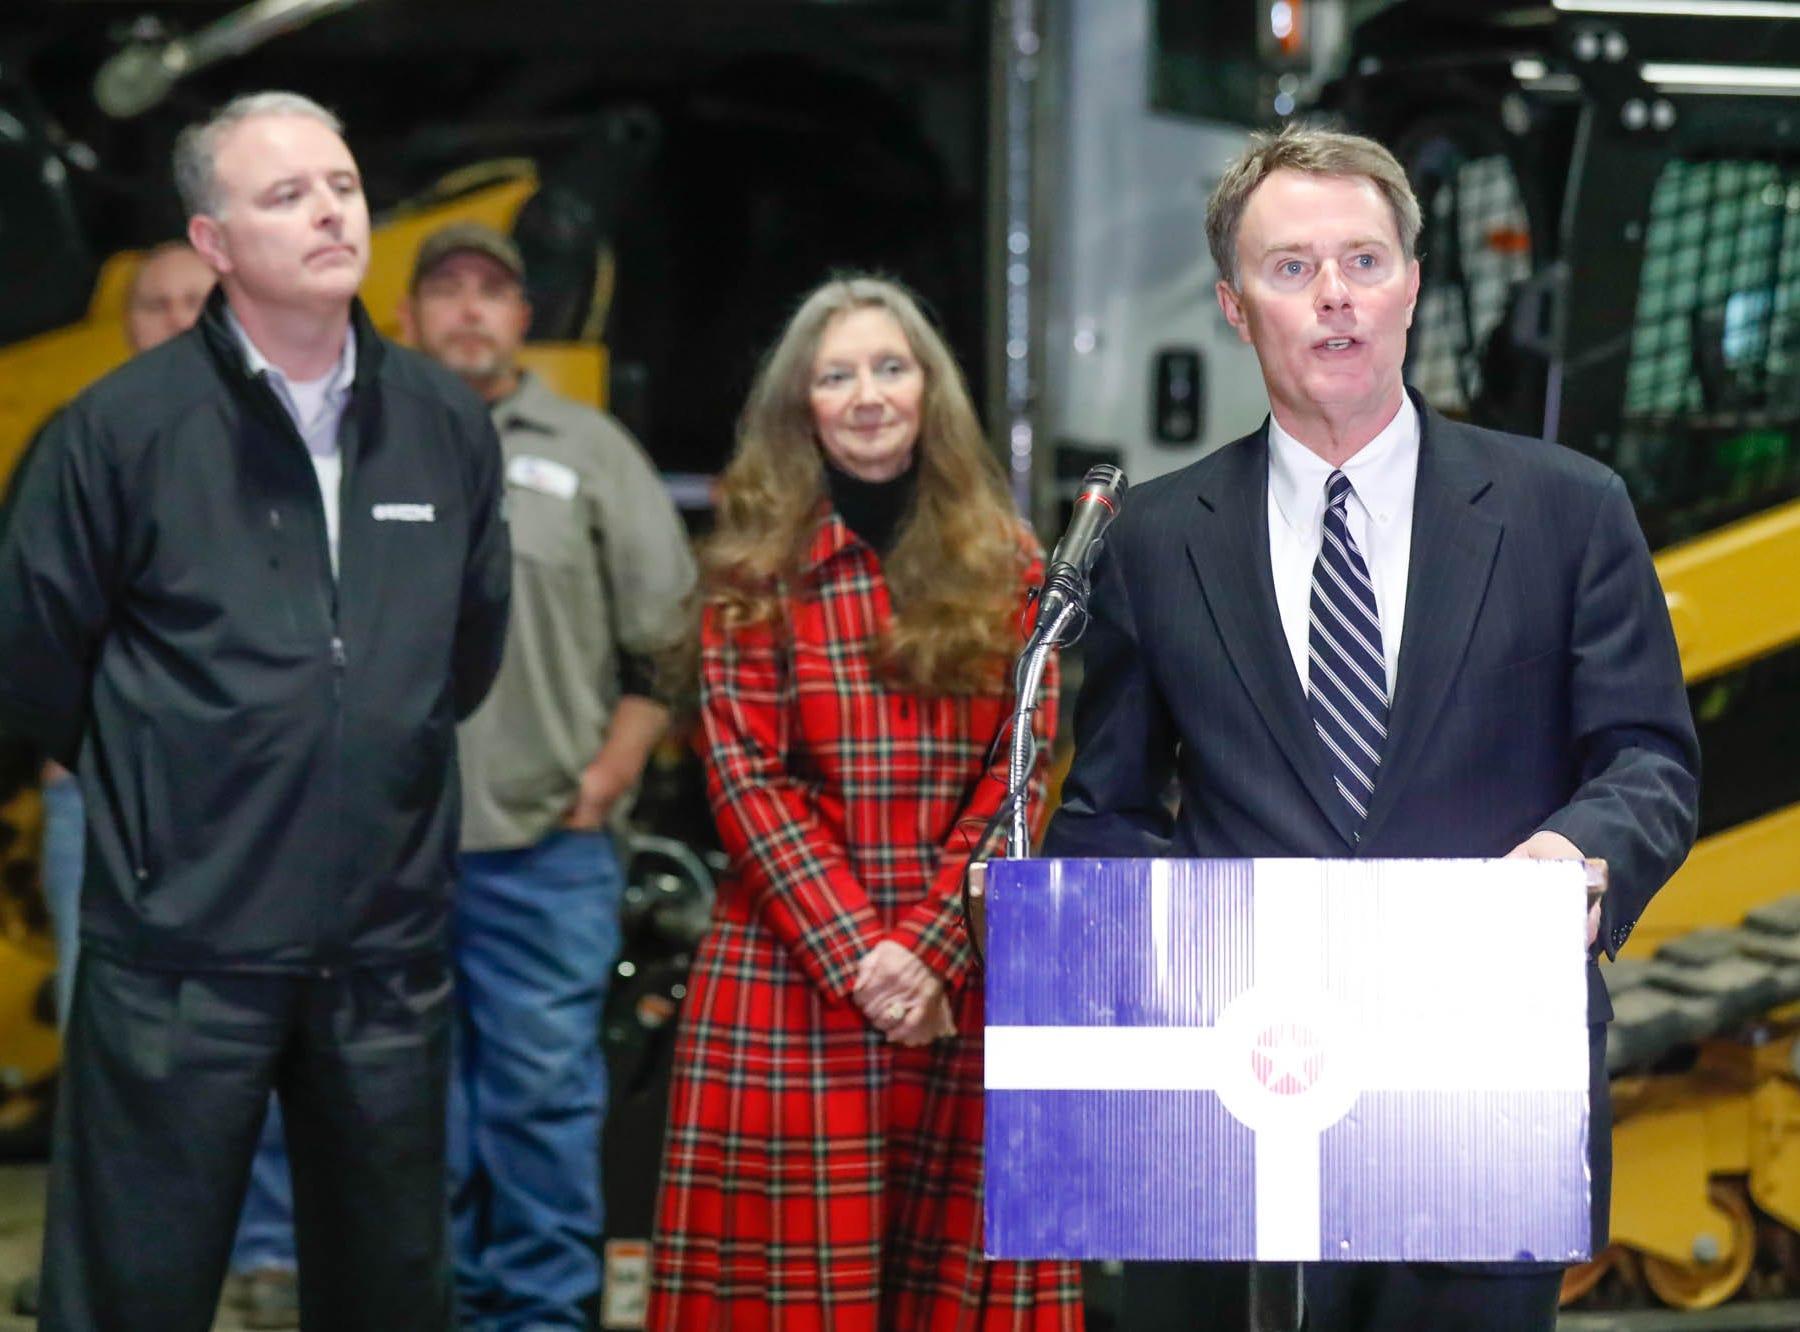 Indianapolis to undertake longer-lasting pothole fixes starting next Monday, Hogsett says